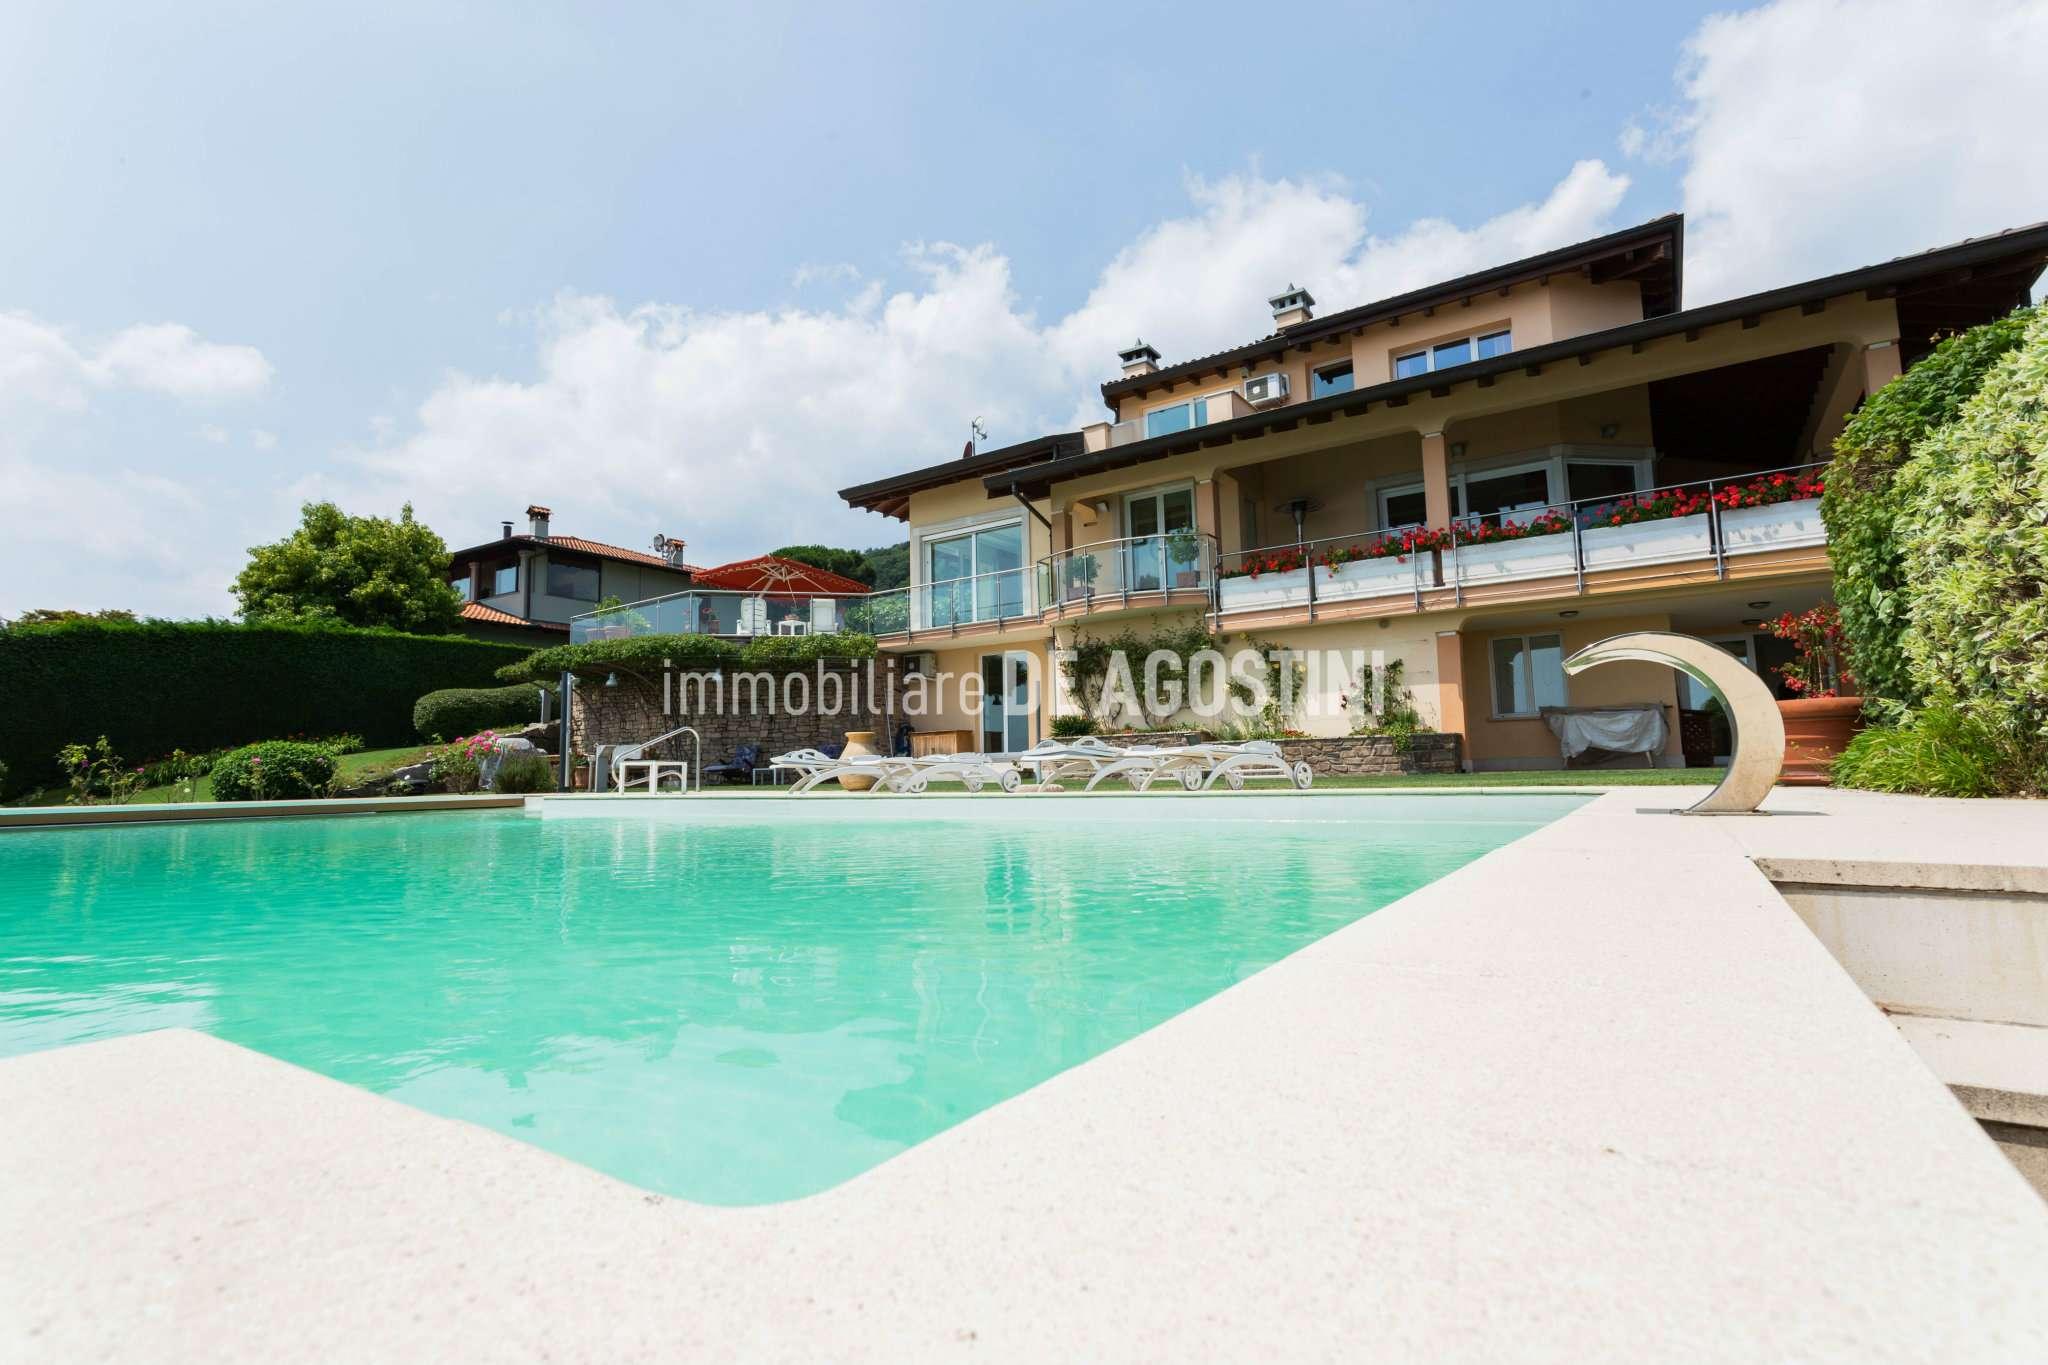 Villa in vendita a Massino Visconti, 15 locali, prezzo € 2.400.000 | PortaleAgenzieImmobiliari.it